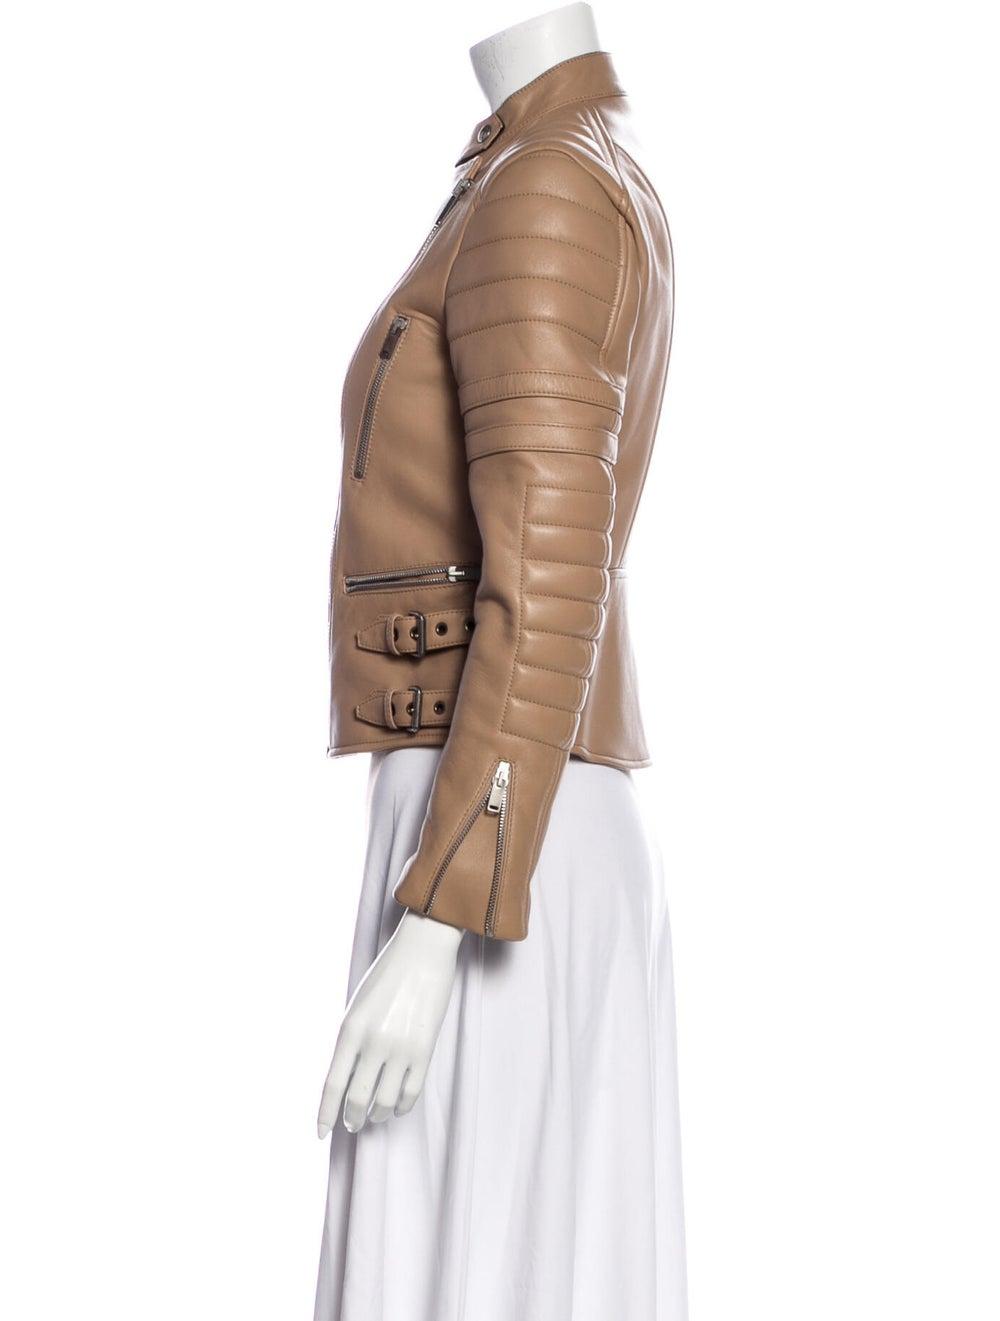 Celine Leather Biker Jacket - image 2